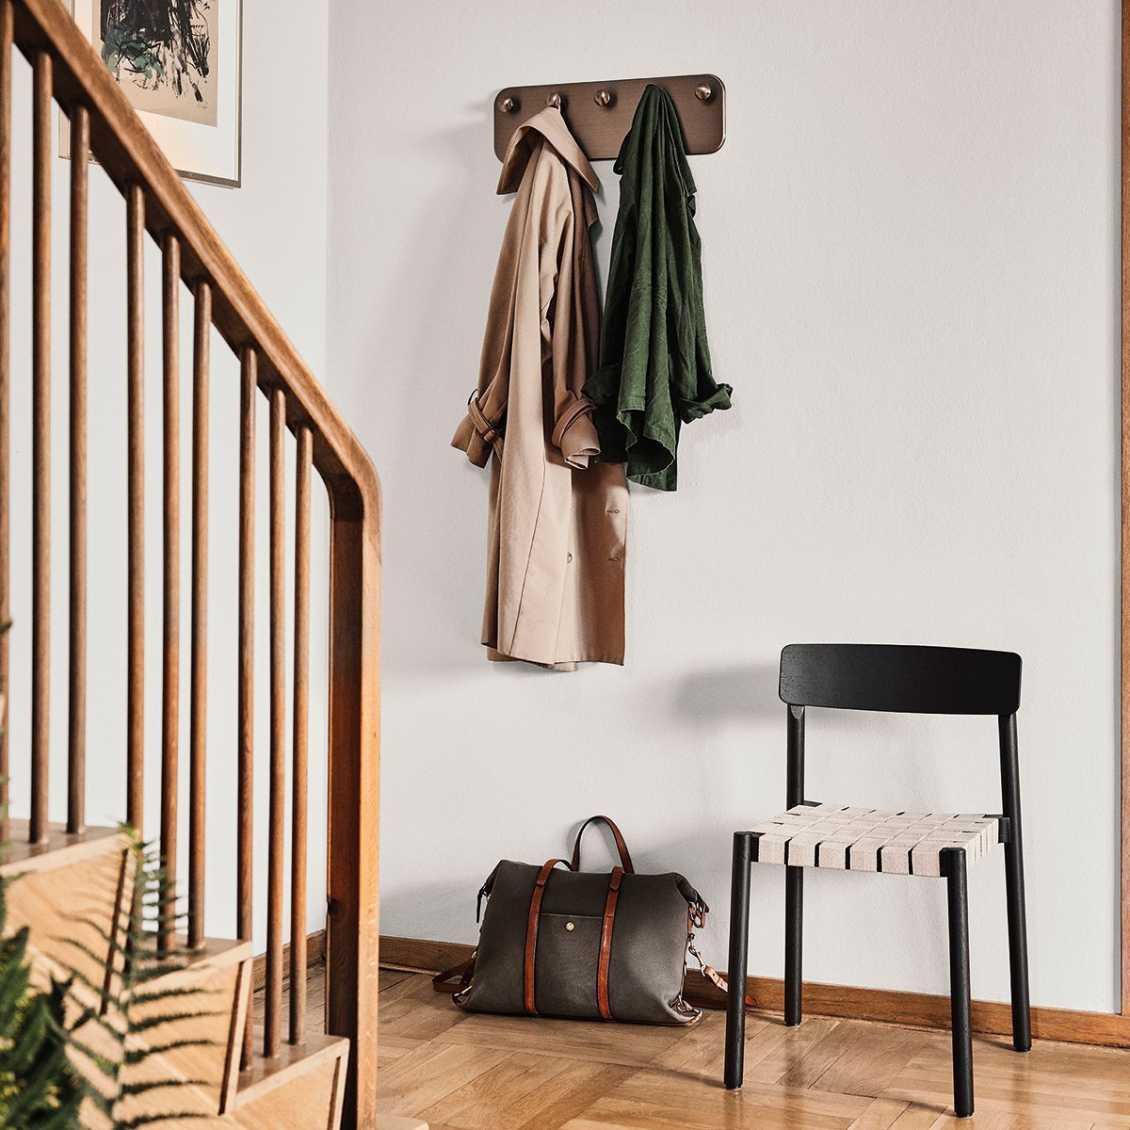 https://www.fundesign.nl/media/catalog/product/h/a/hanger-sfeer-1_1.jpg